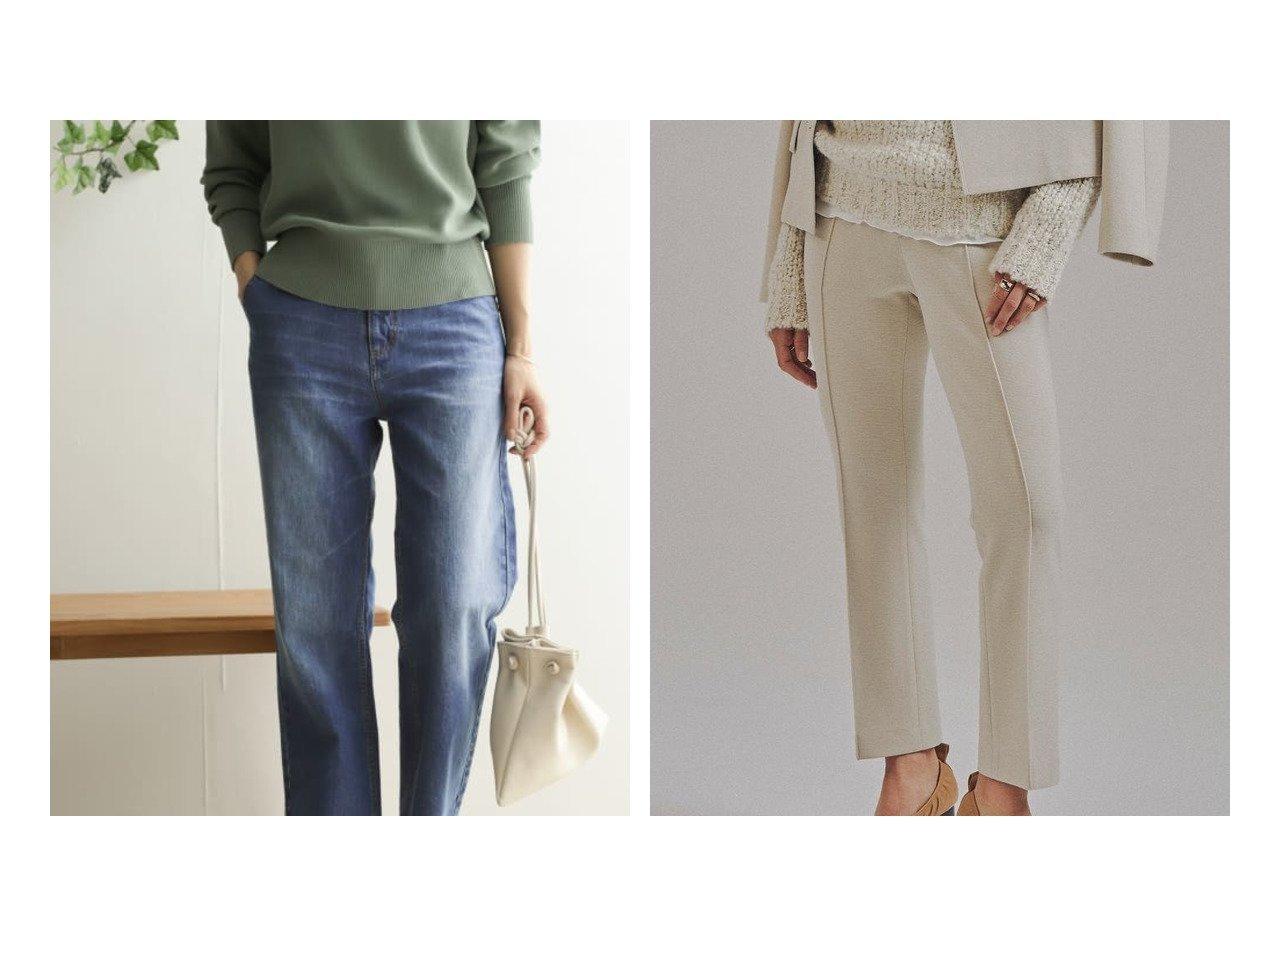 【URBAN RESEARCH DOORS/アーバンリサーチ ドアーズ】のデニムワイドパンツ&【BEIGE,/ベイジ,】のパンツ パンツのおすすめ!人気、トレンド・レディースファッションの通販 おすすめで人気の流行・トレンド、ファッションの通販商品 メンズファッション・キッズファッション・インテリア・家具・レディースファッション・服の通販 founy(ファニー) https://founy.com/ ファッション Fashion レディースファッション WOMEN パンツ Pants デニムパンツ Denim Pants 2020年 2020 2020-2021 秋冬 A/W AW Autumn/Winter / FW Fall-Winter 2020-2021 A/W 秋冬 AW Autumn/Winter / FW Fall-Winter セットアップ NEW・新作・新着・新入荷 New Arrivals シンプル ストレート デニム ビンテージ ポケット |ID:crp329100000014028